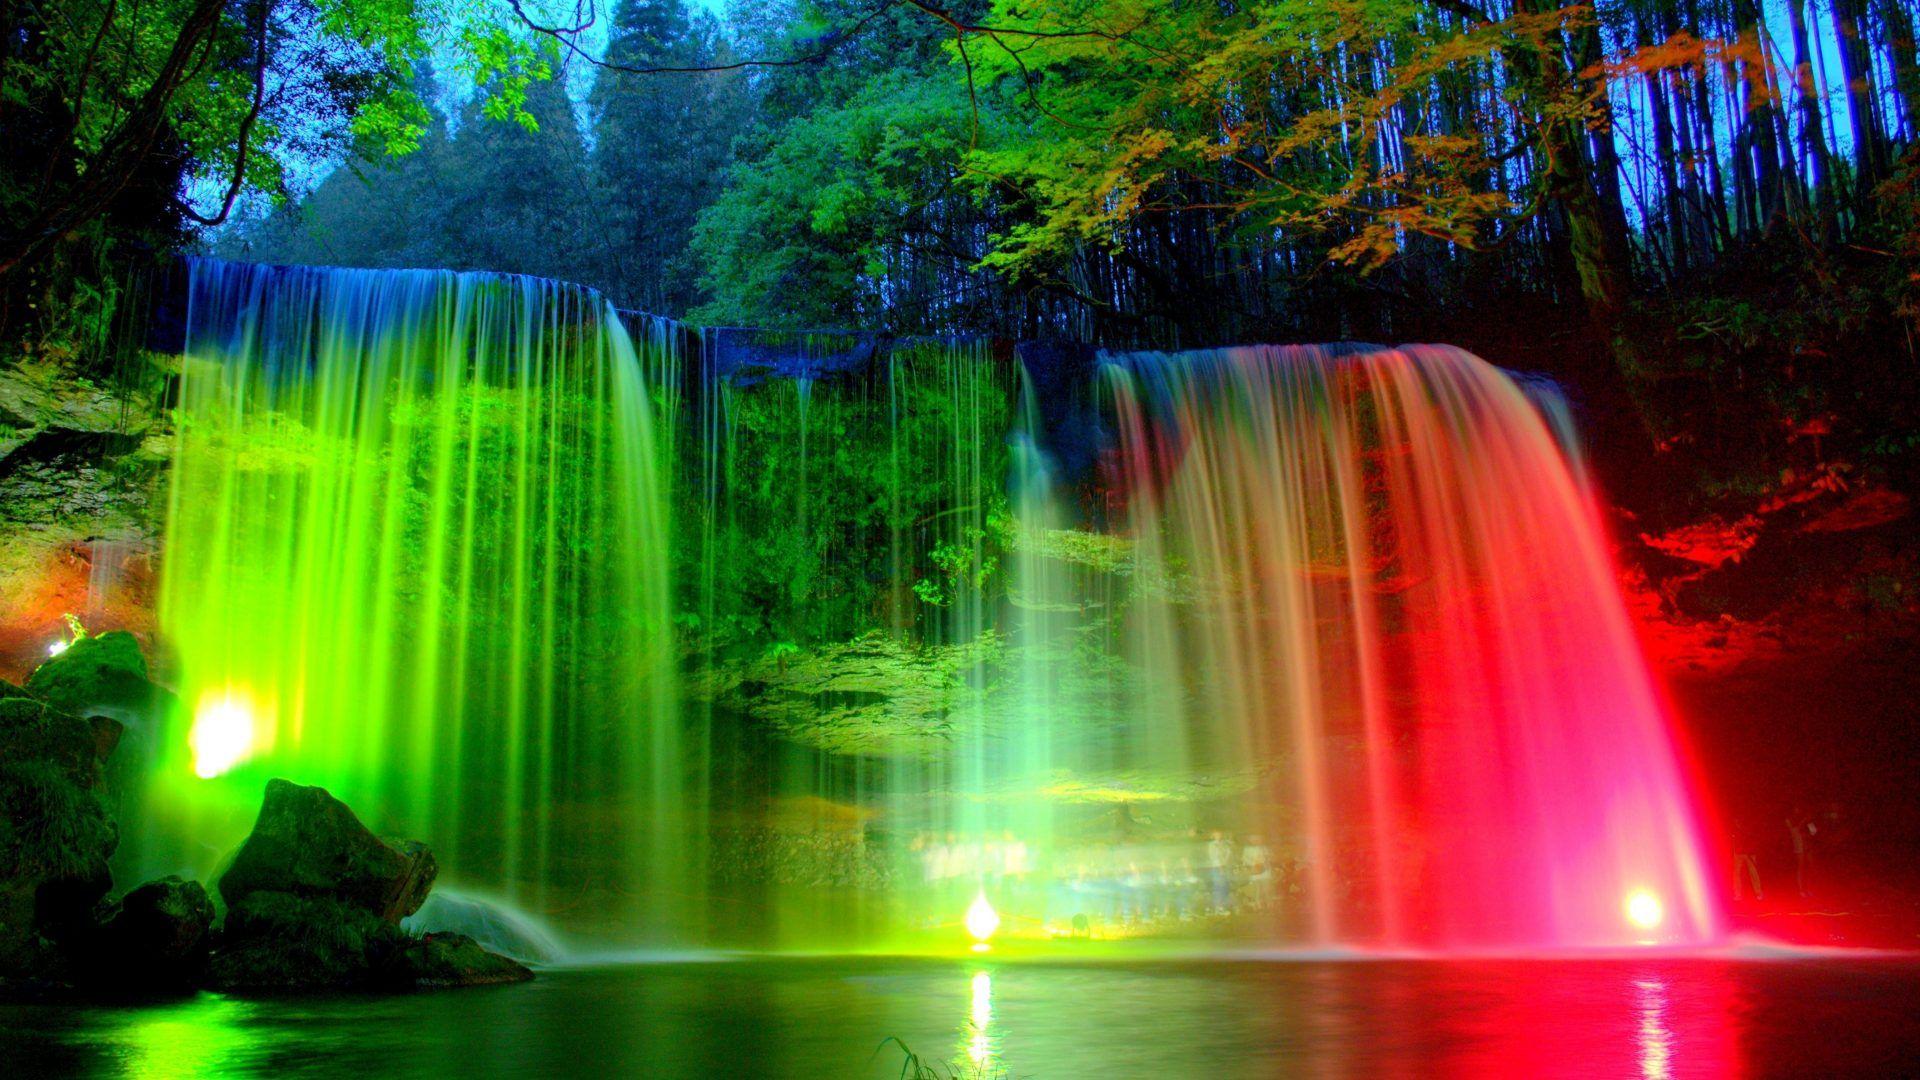 مجموعة كبيرة ومتنوعة من صور وخلفيات الطبيعة الخلابة Nature Wallpapers بدون عنوان Waterfall Wallpaper Beautiful Nature Wallpaper Rainbow Wallpaper Backgrounds